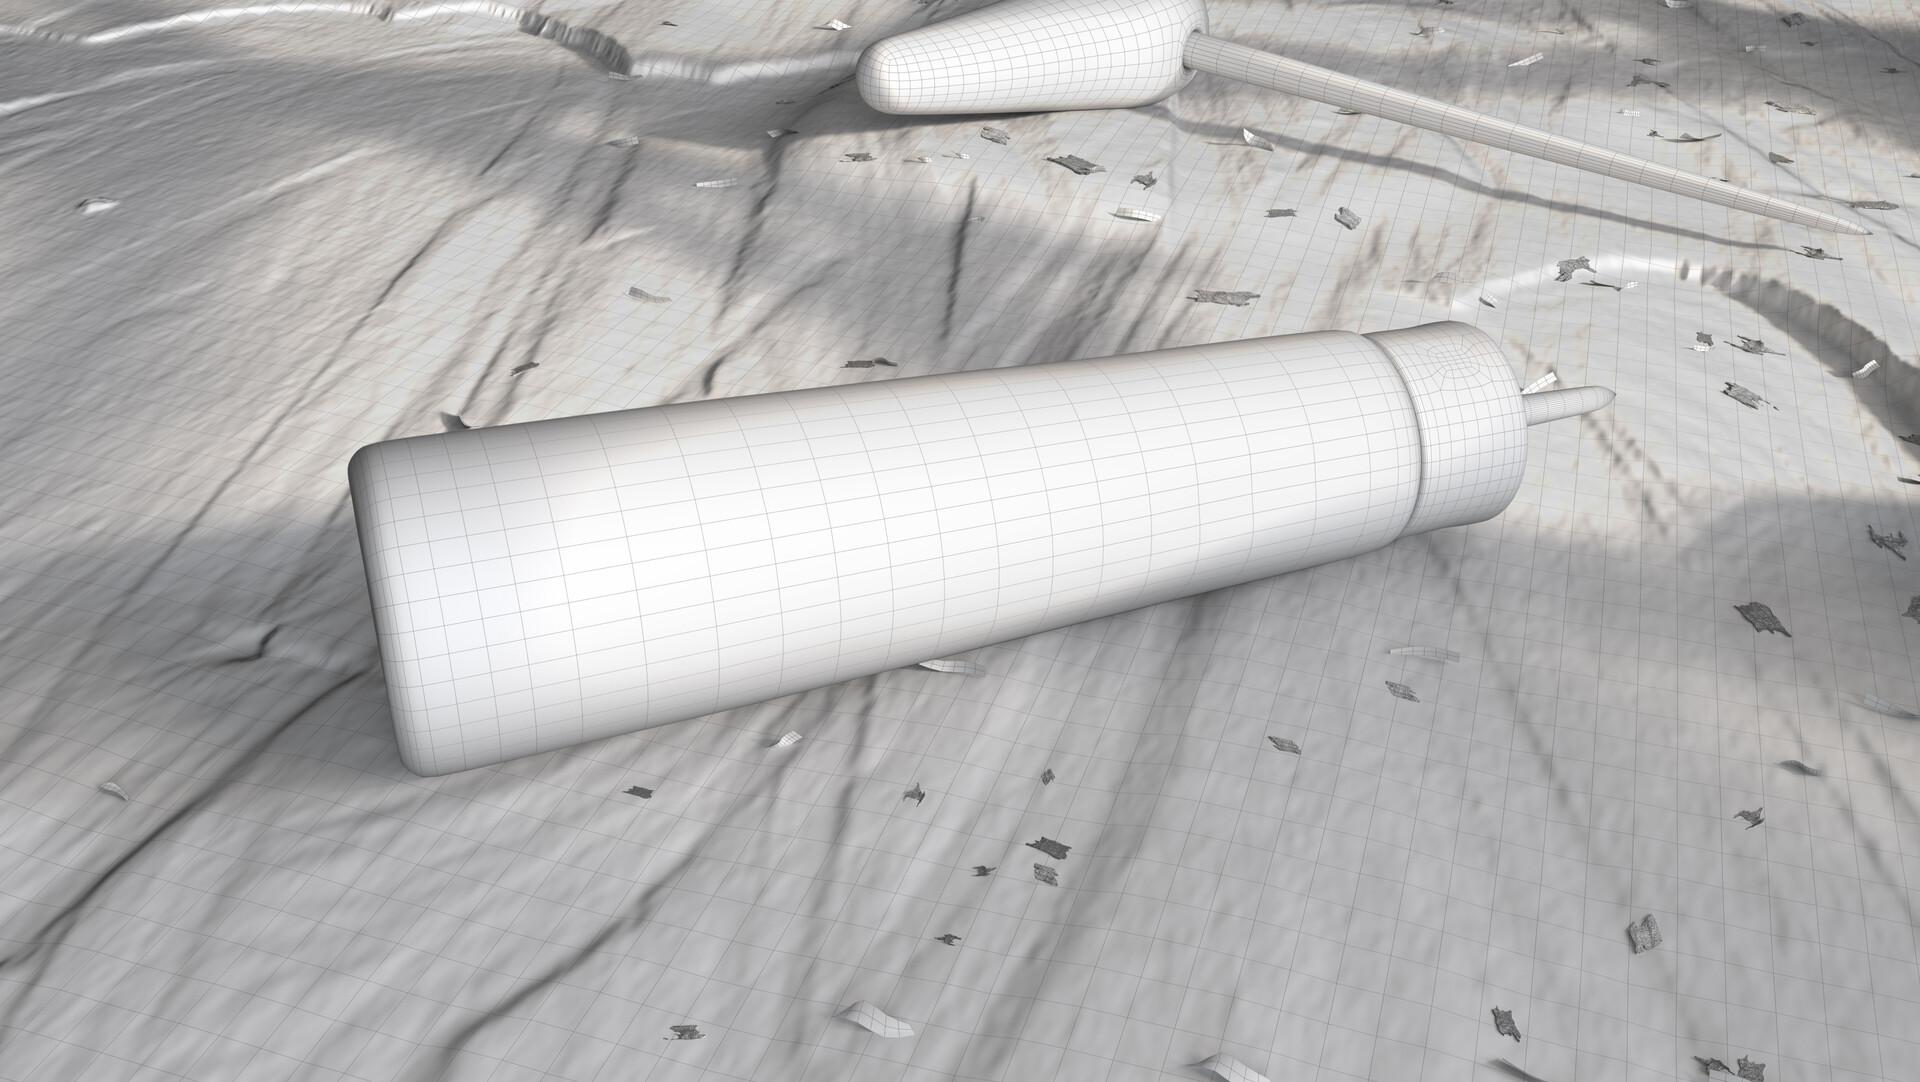 Darko mitev tool01 wireframe